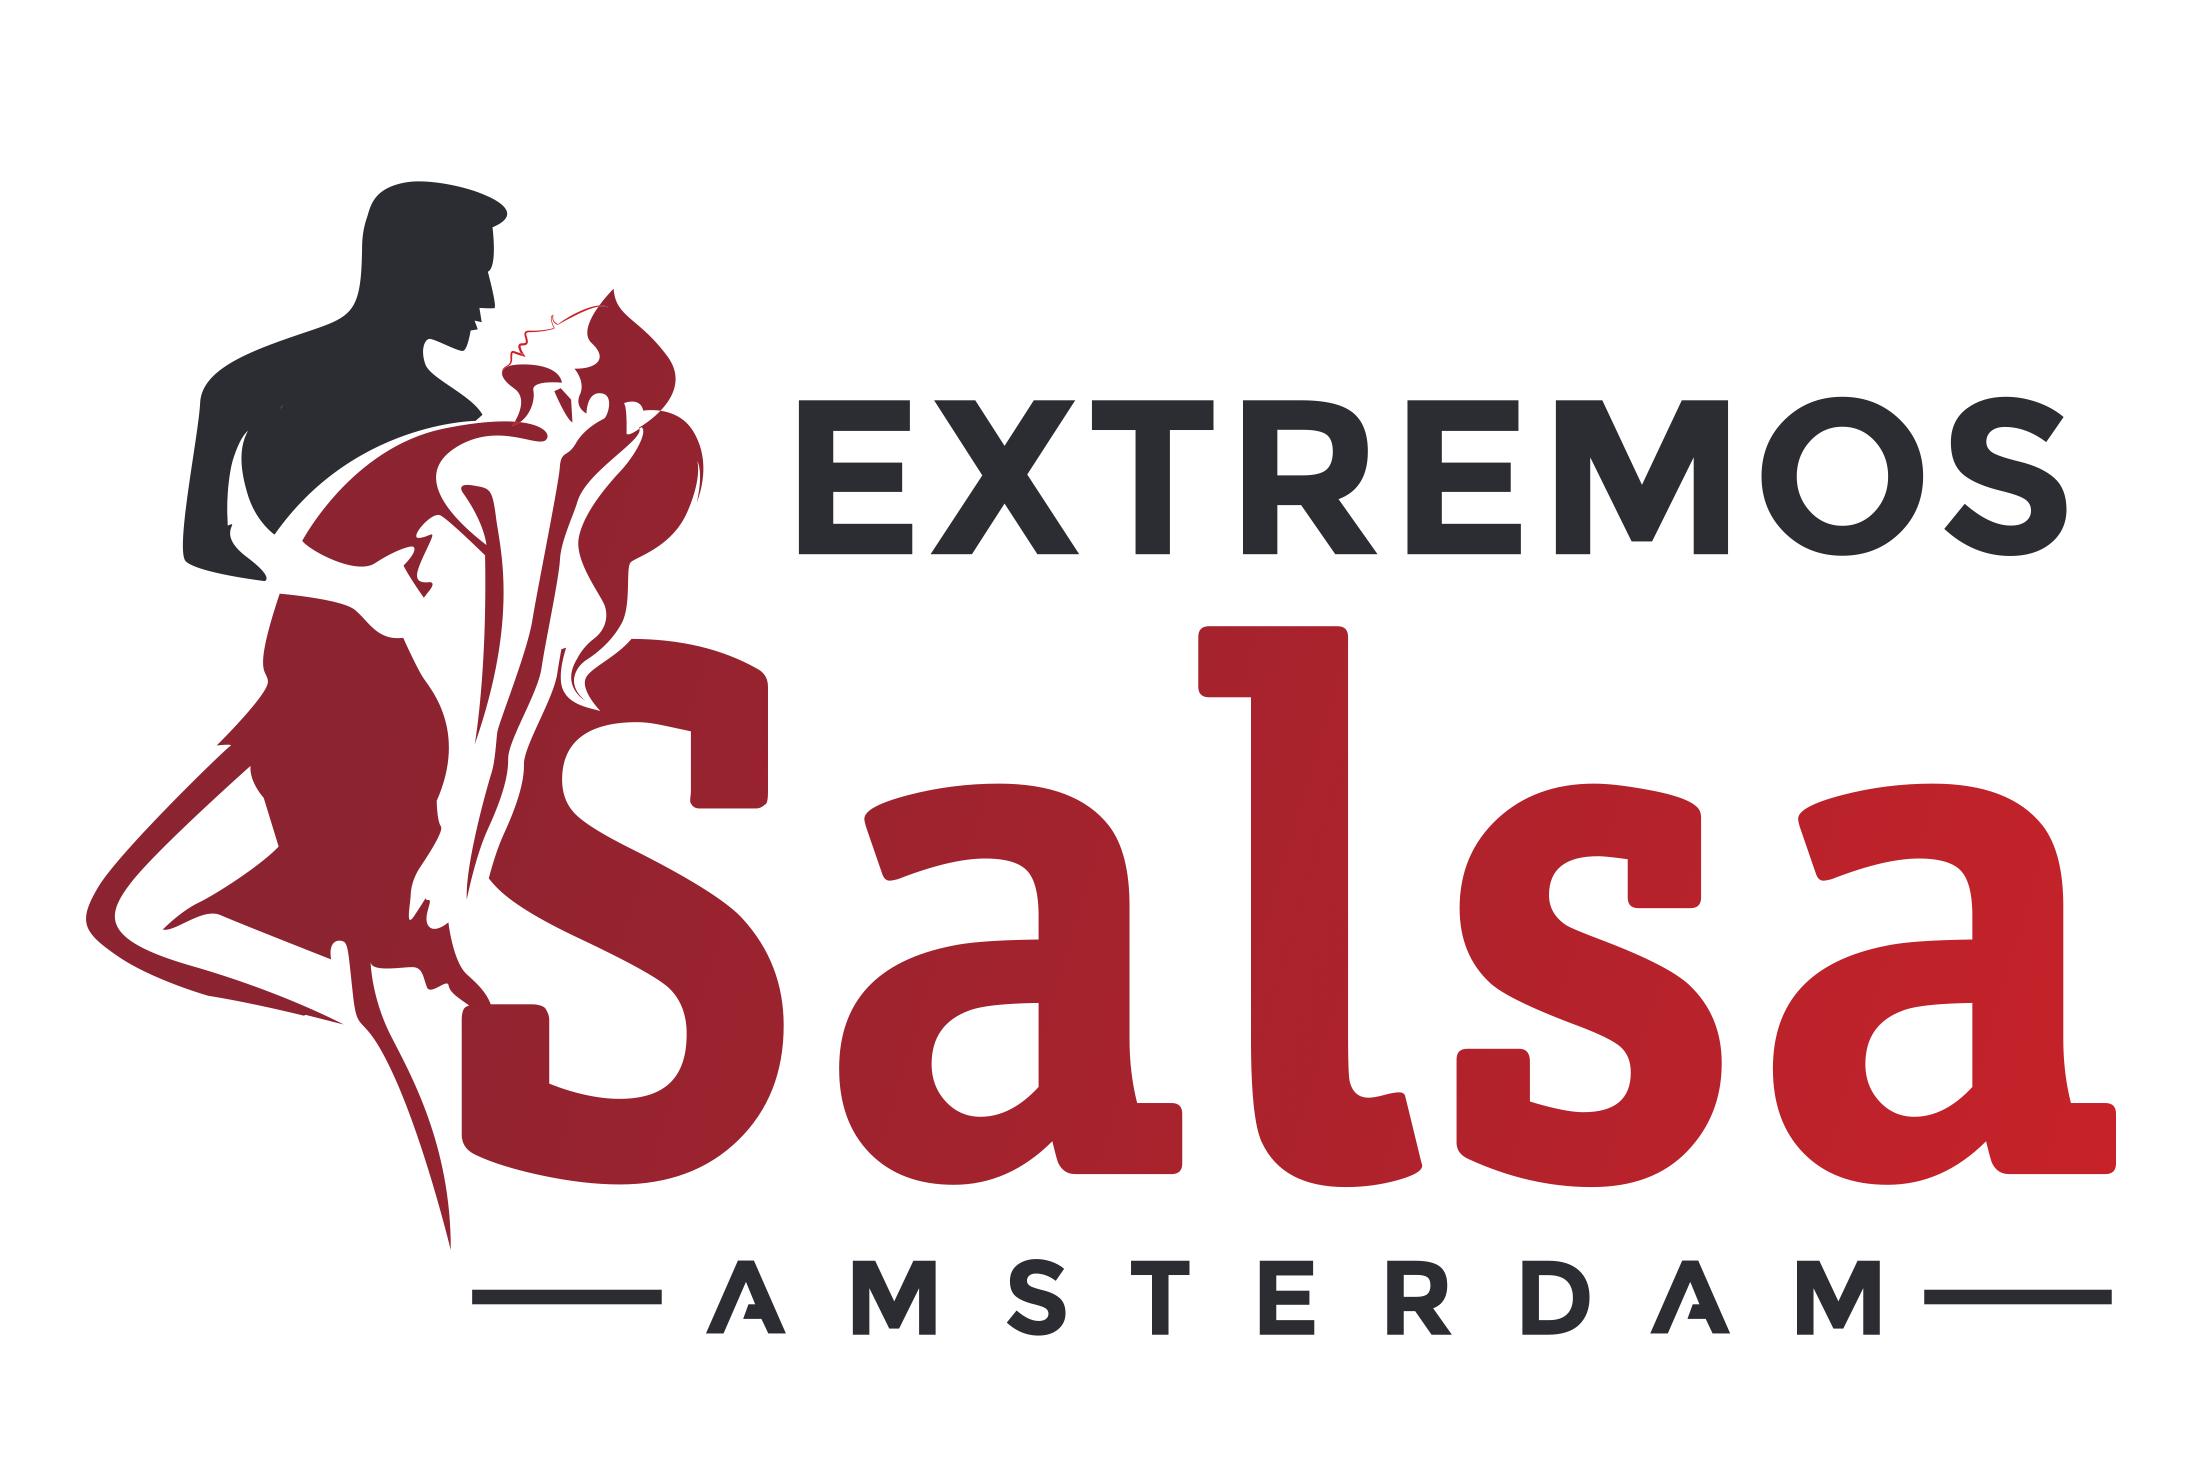 Extremos Salsa